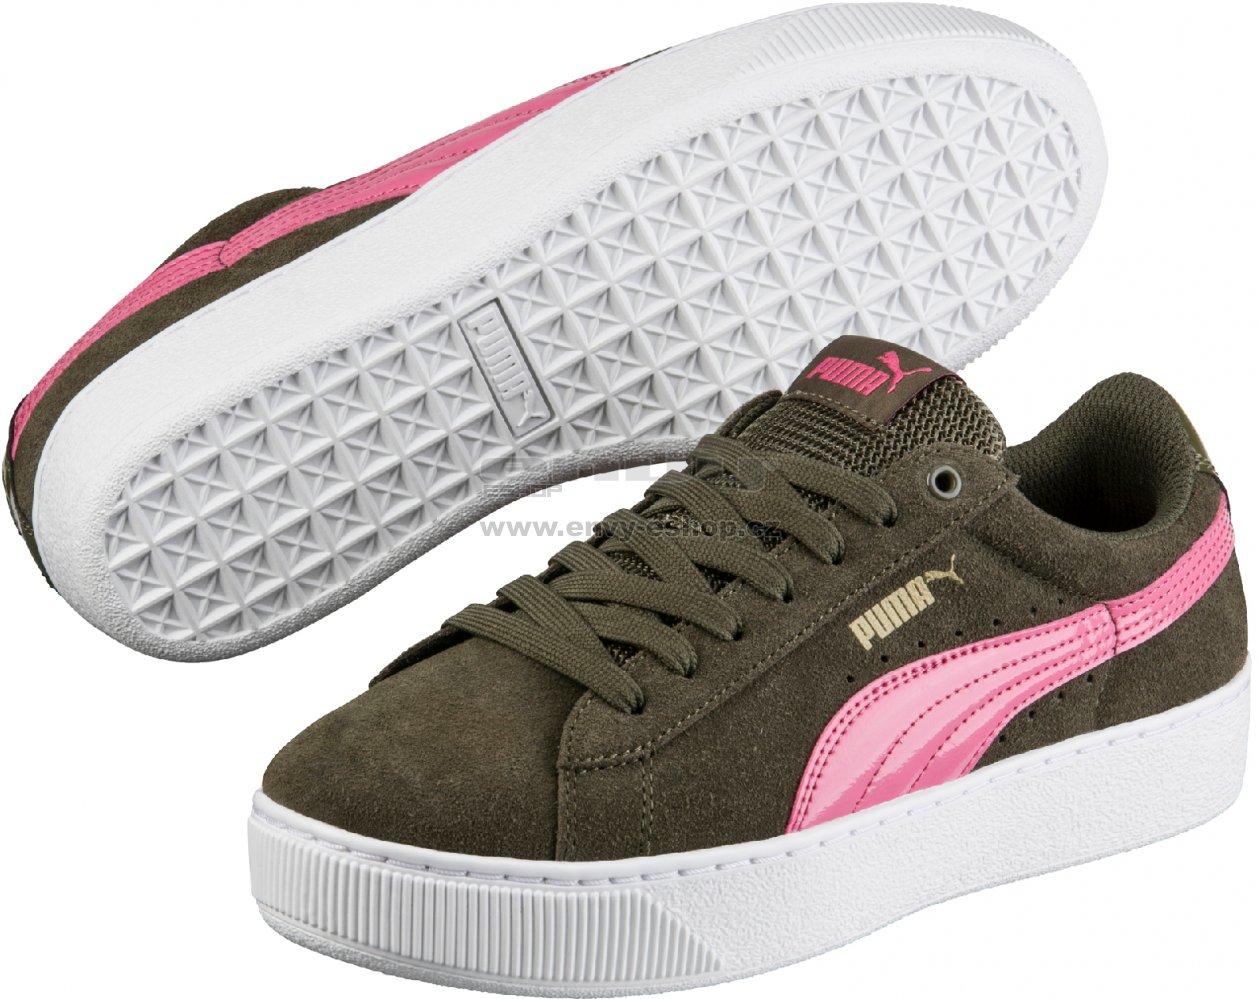 Dámská obuv PUMA VIKKY PLATFORM 36328707 OLIVE NIGHT velikost  EU 38 ... 736fccc541f